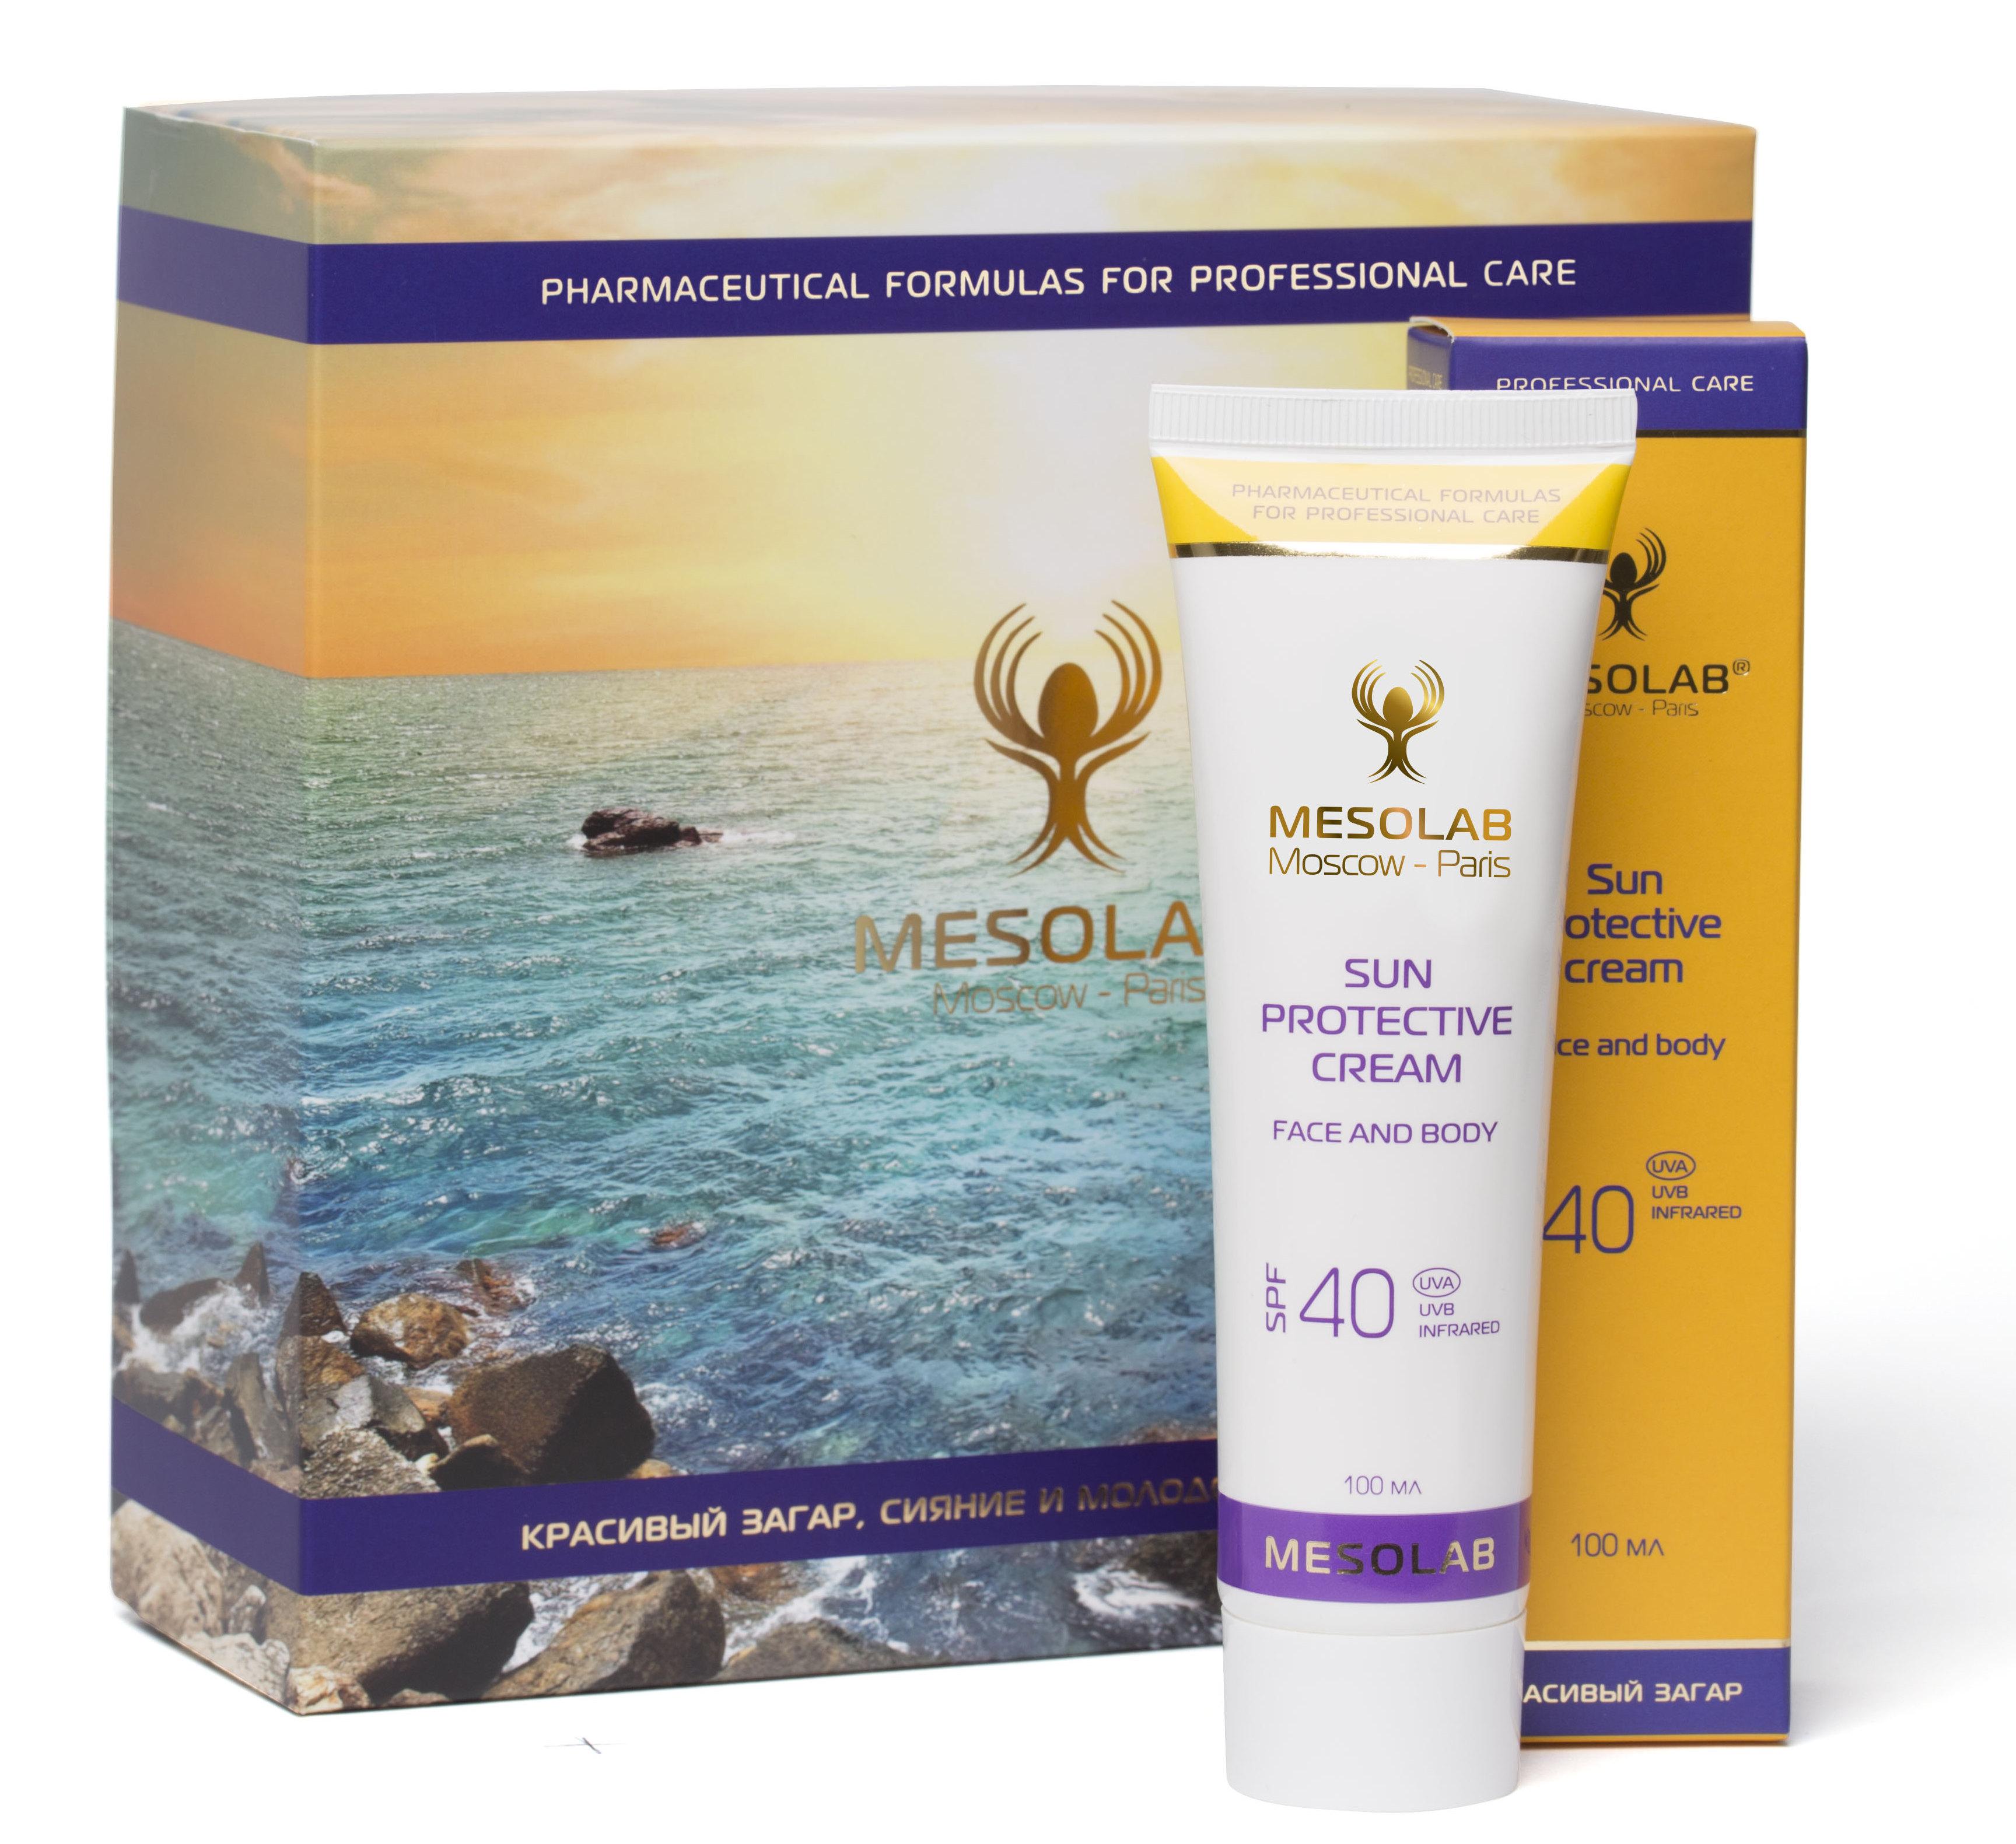 MESOLAB Набор Солнечная линия (пенка, тоник, сыворотка, крем высокая защита, крем после загара, маска)